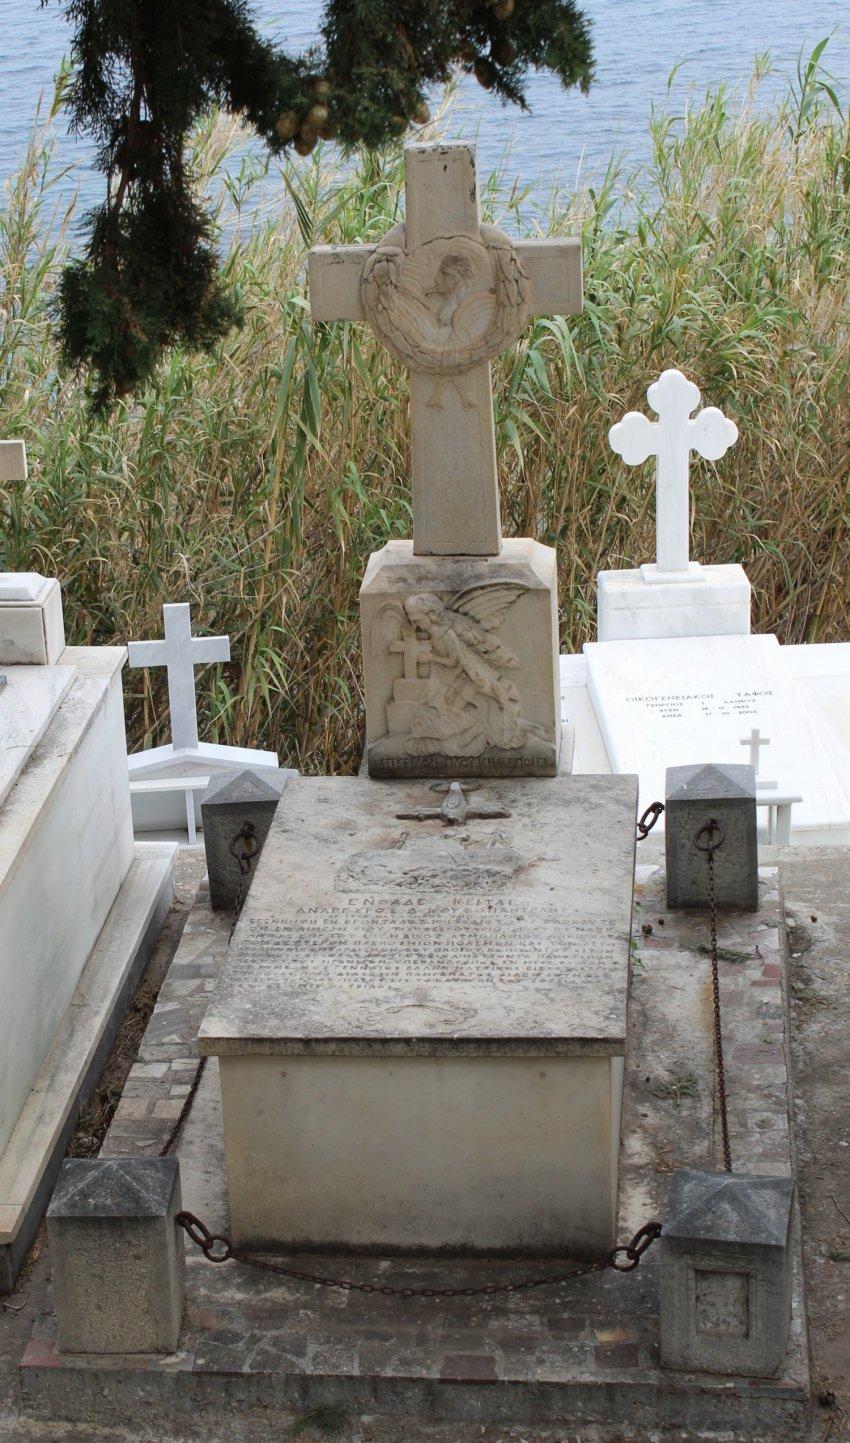 Ο τάφος του Ανάργυρου Κουφοπαντελή στη Μονή Μυρσινιδίου.